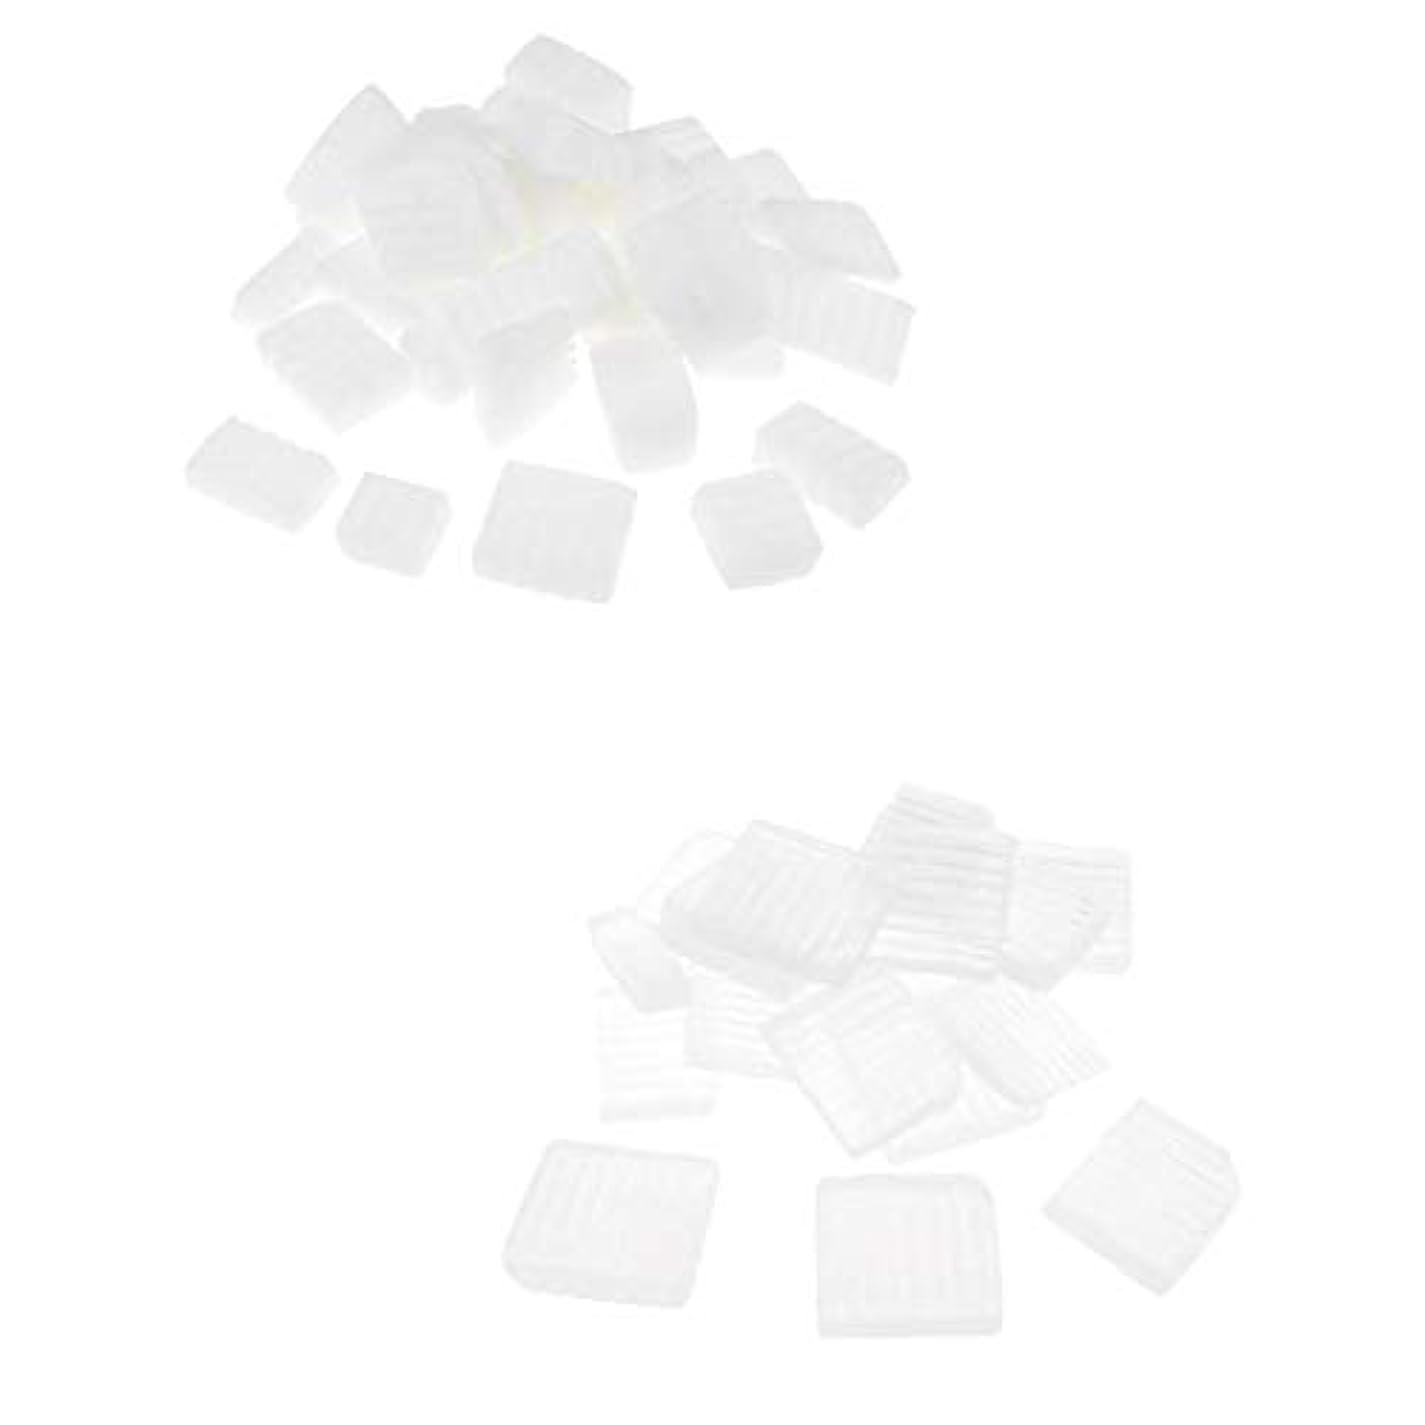 りんご反論ワゴンFLAMEER 固形せっけん 石鹸ベース 2KG ホワイトクリア DIY製造 工芸品 ハンドメイド 石鹸原料 耐久性